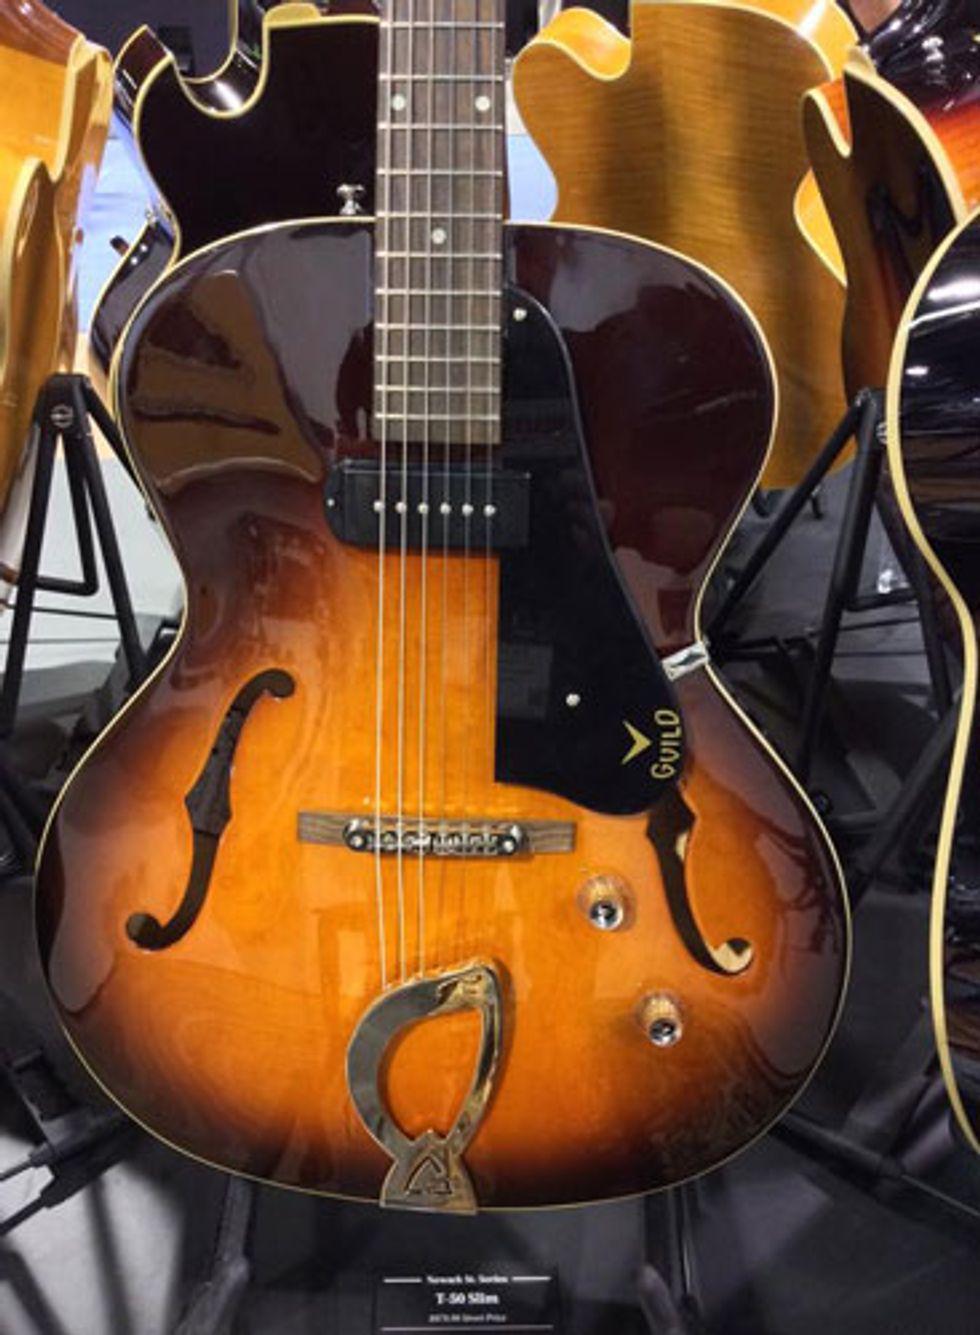 namm 2015 editors 39 picks day 3 premier guitar. Black Bedroom Furniture Sets. Home Design Ideas